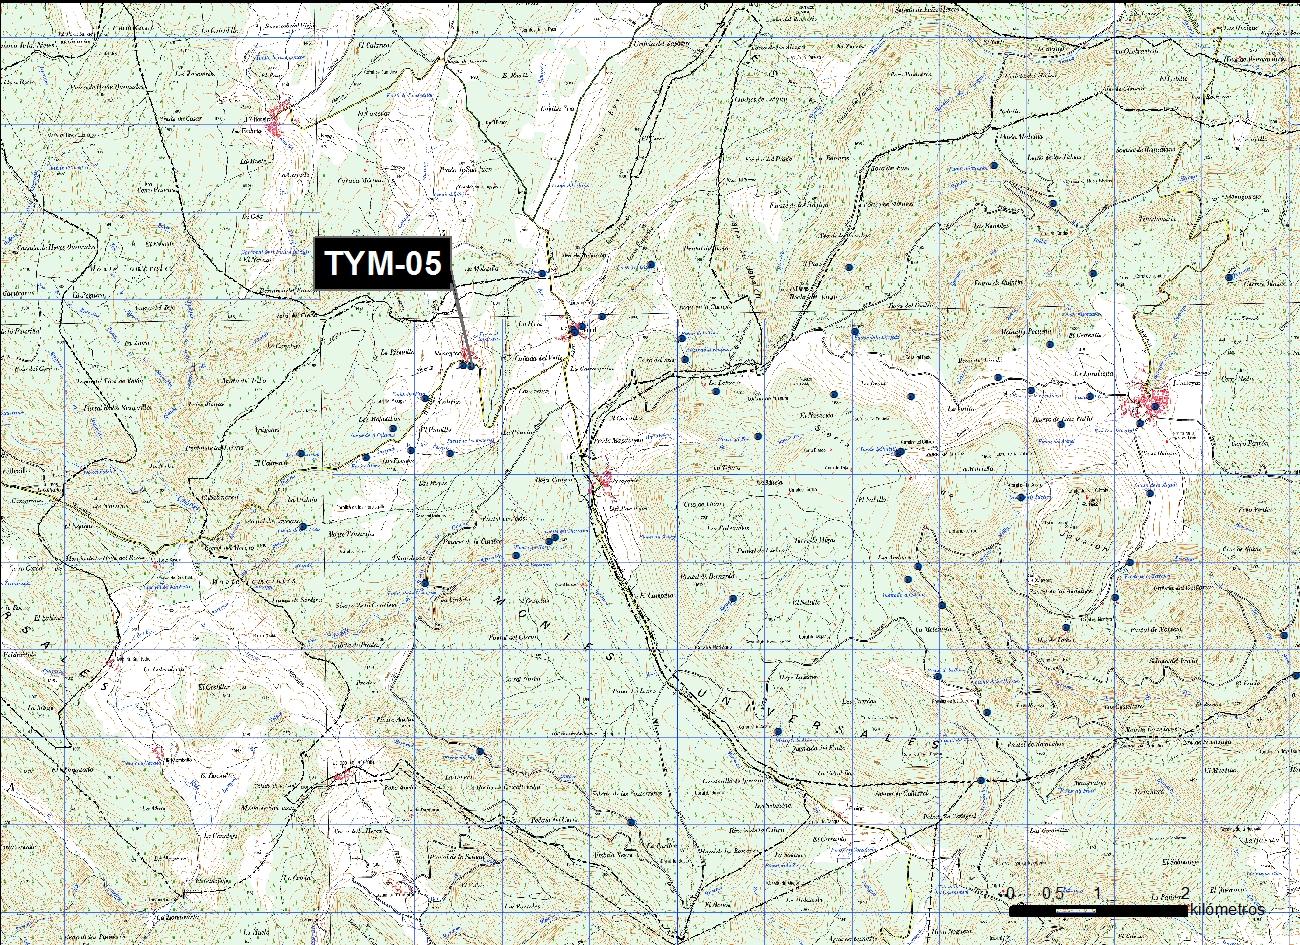 TYM_05_M.V.LOZANO_GAMELLONCILLO_MAP.TOPO 1